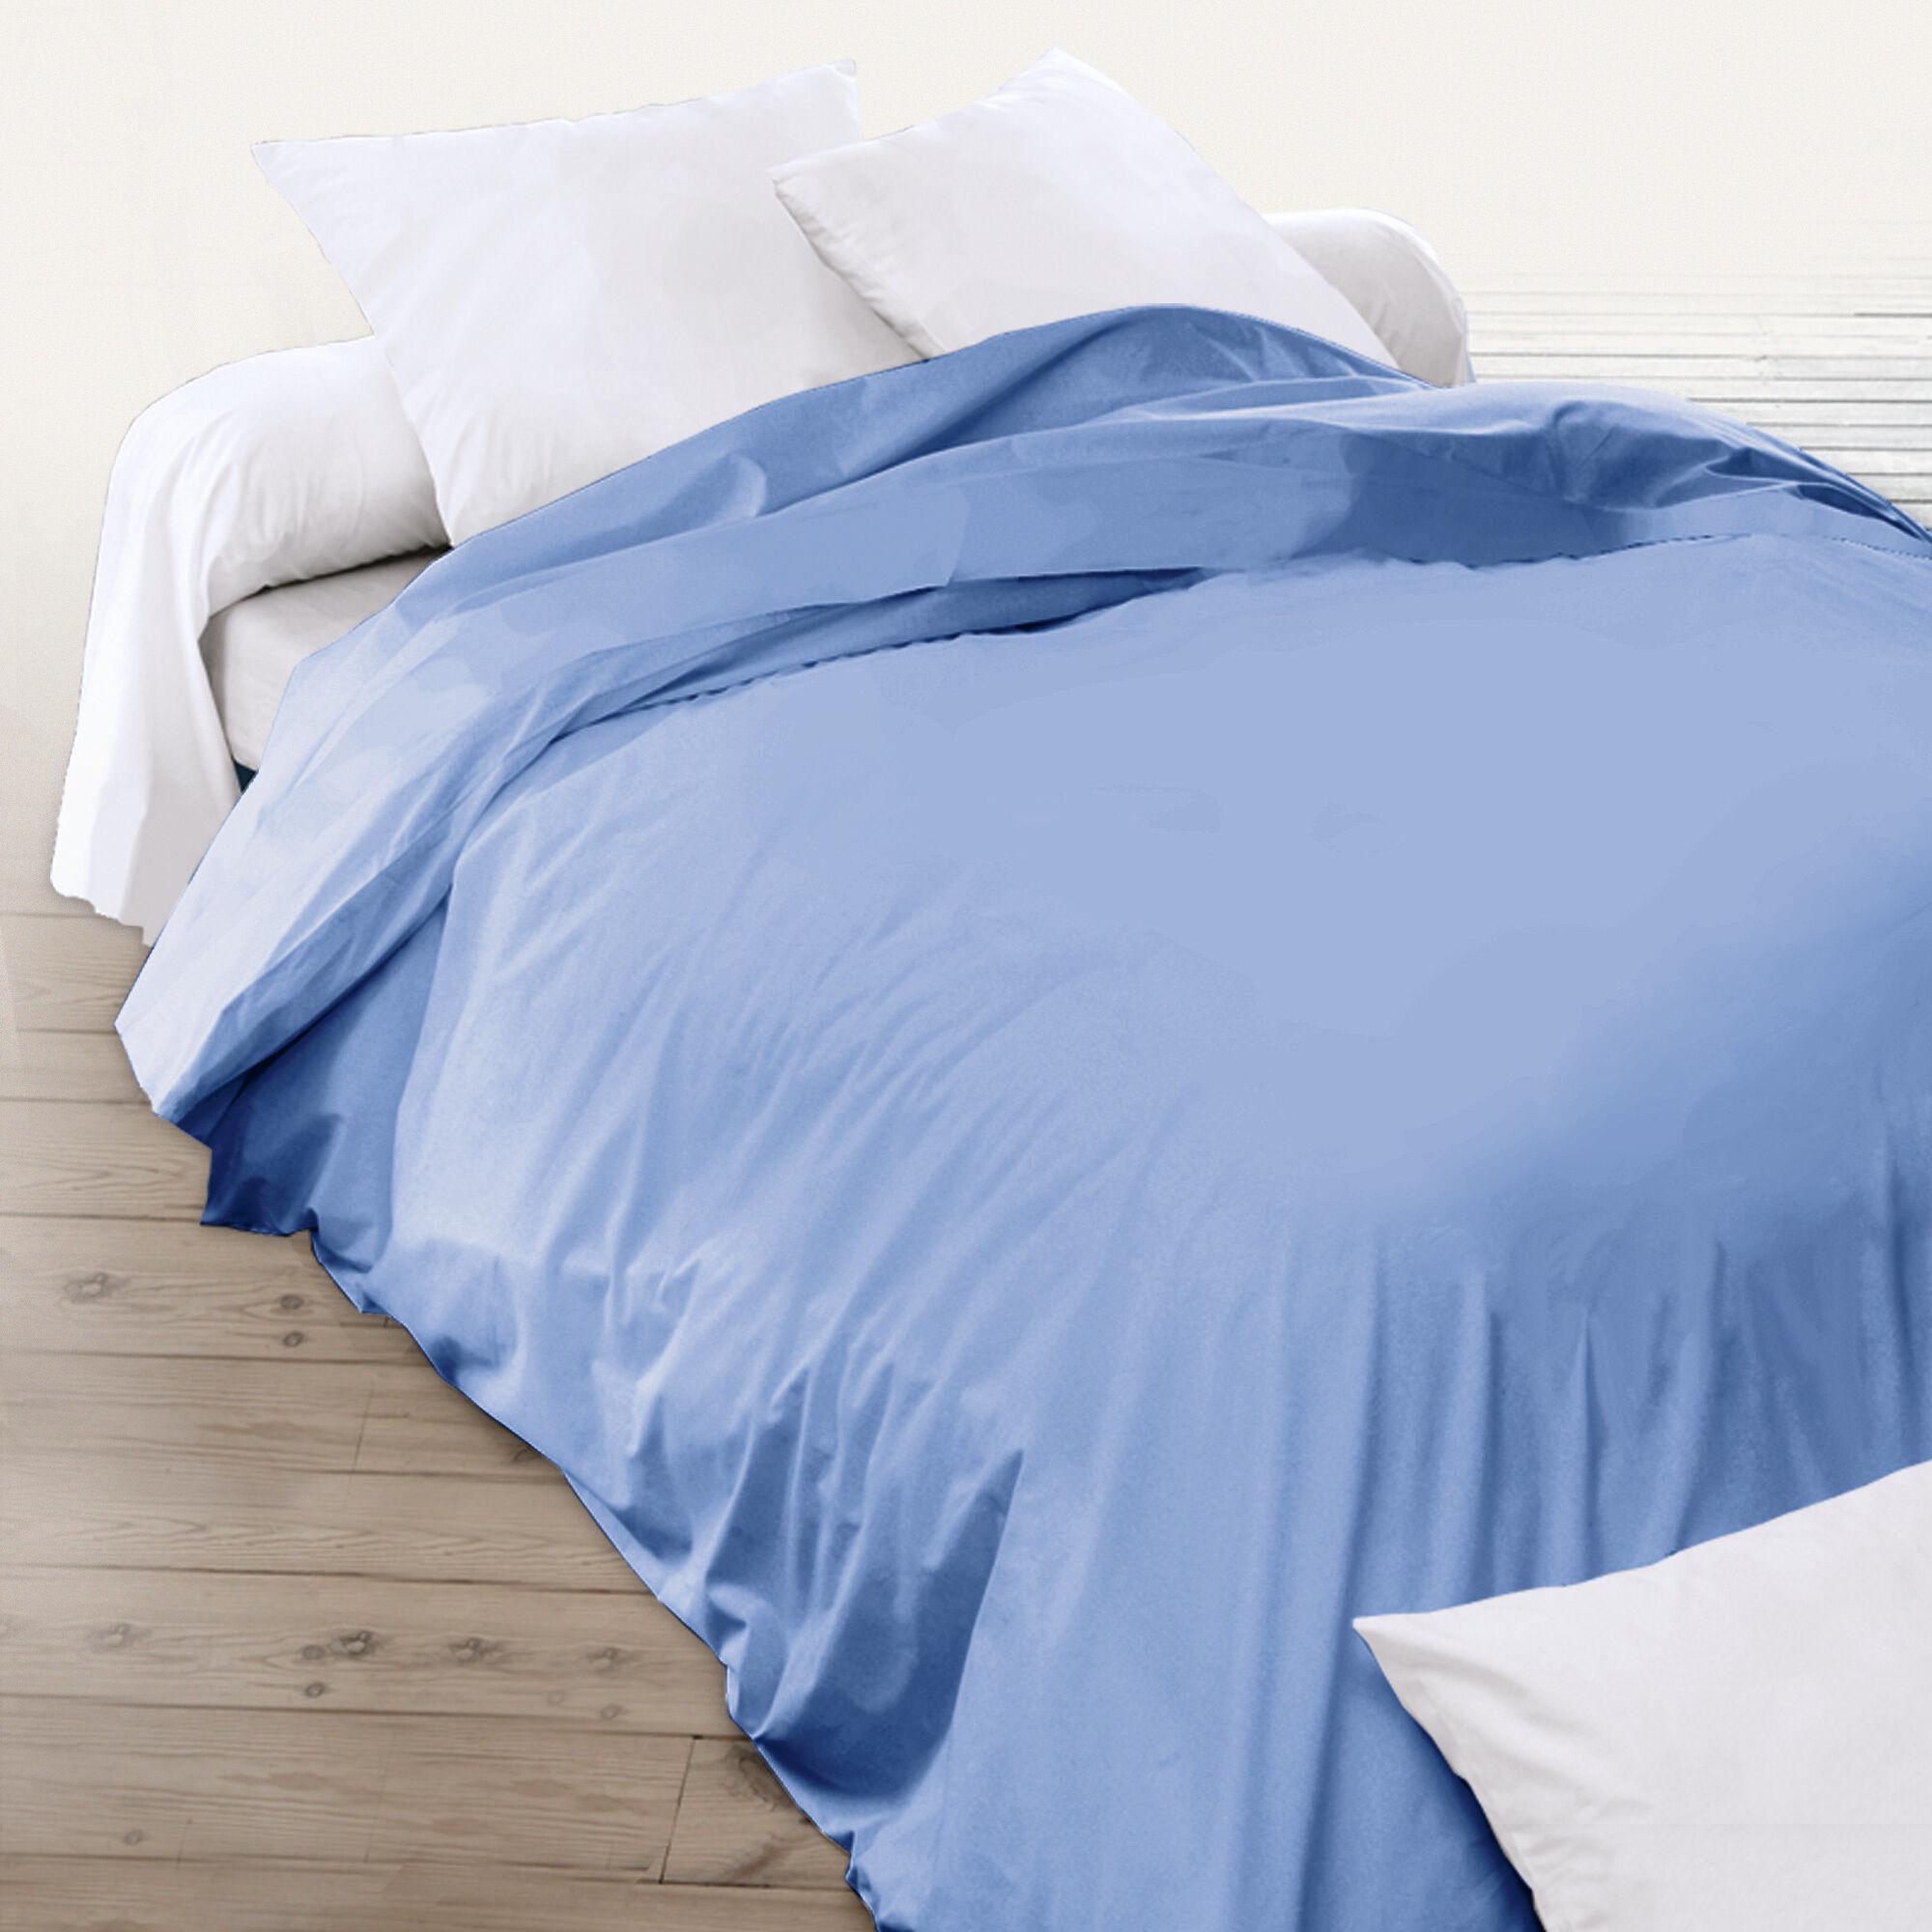 housse de couette uni 260x240 cm 100 coton alto belle ile linnea. Black Bedroom Furniture Sets. Home Design Ideas